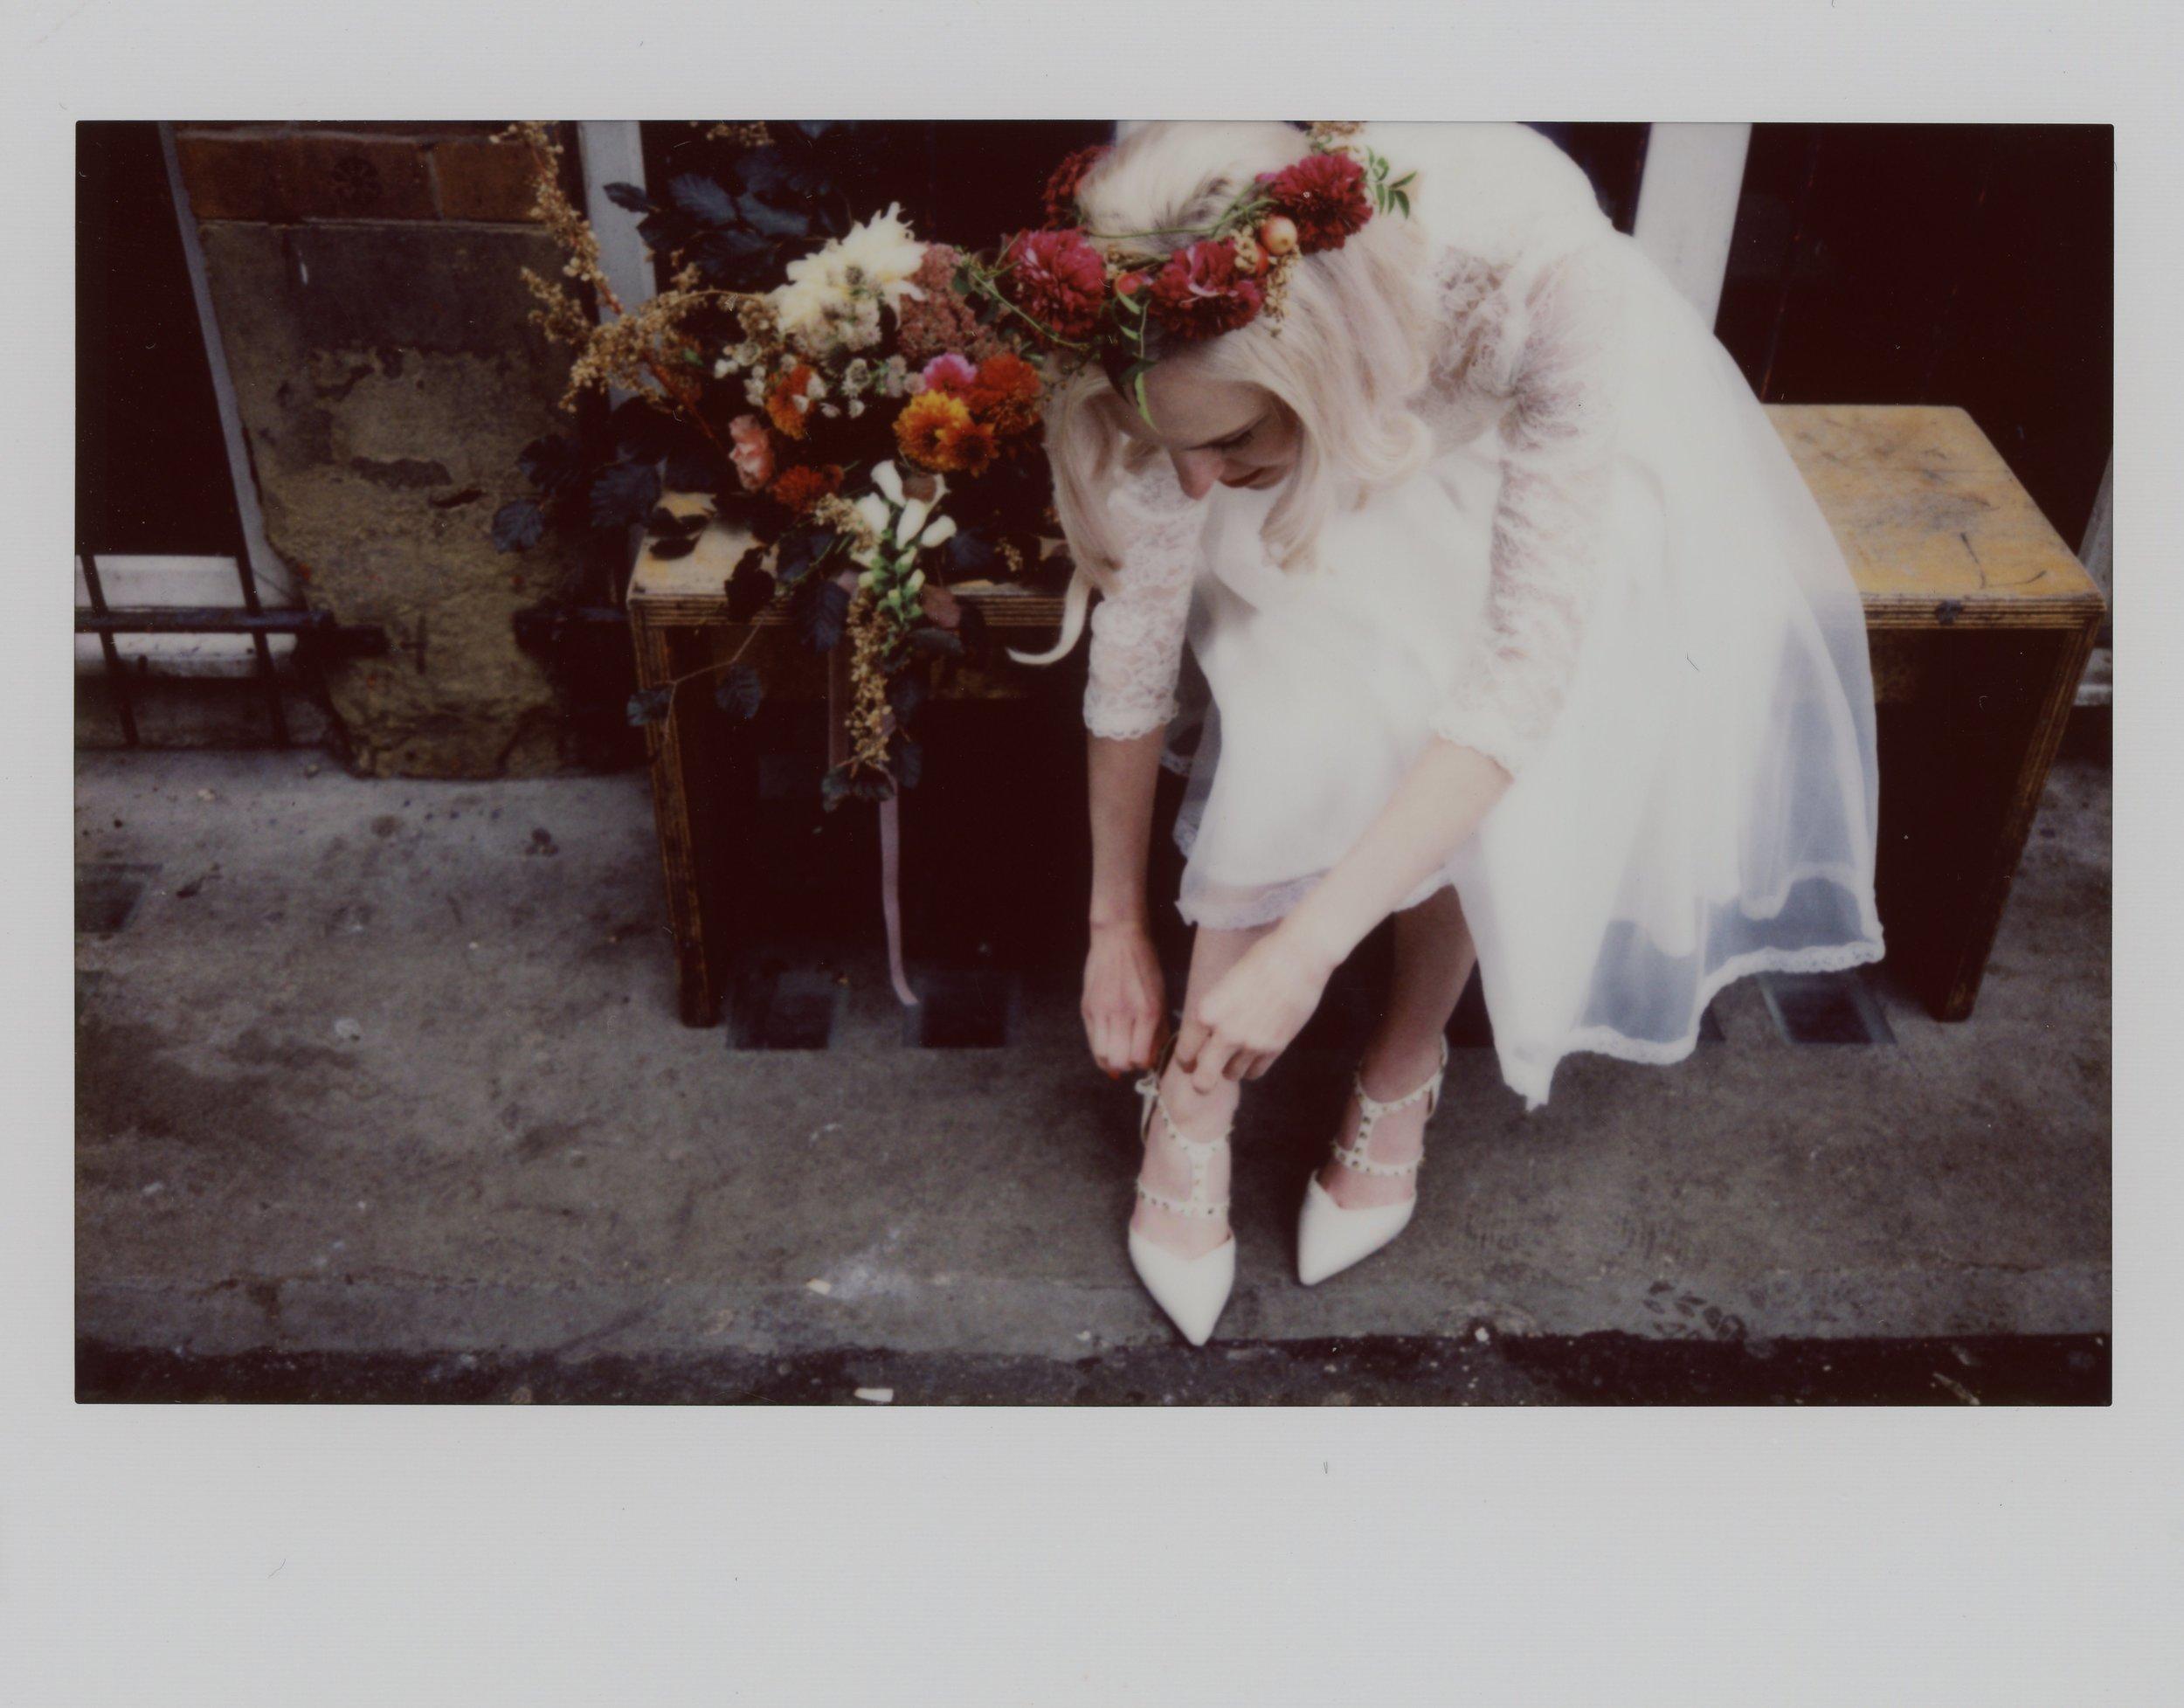 Instax wide photo of Martha in her Wilderness Bride wedding dress